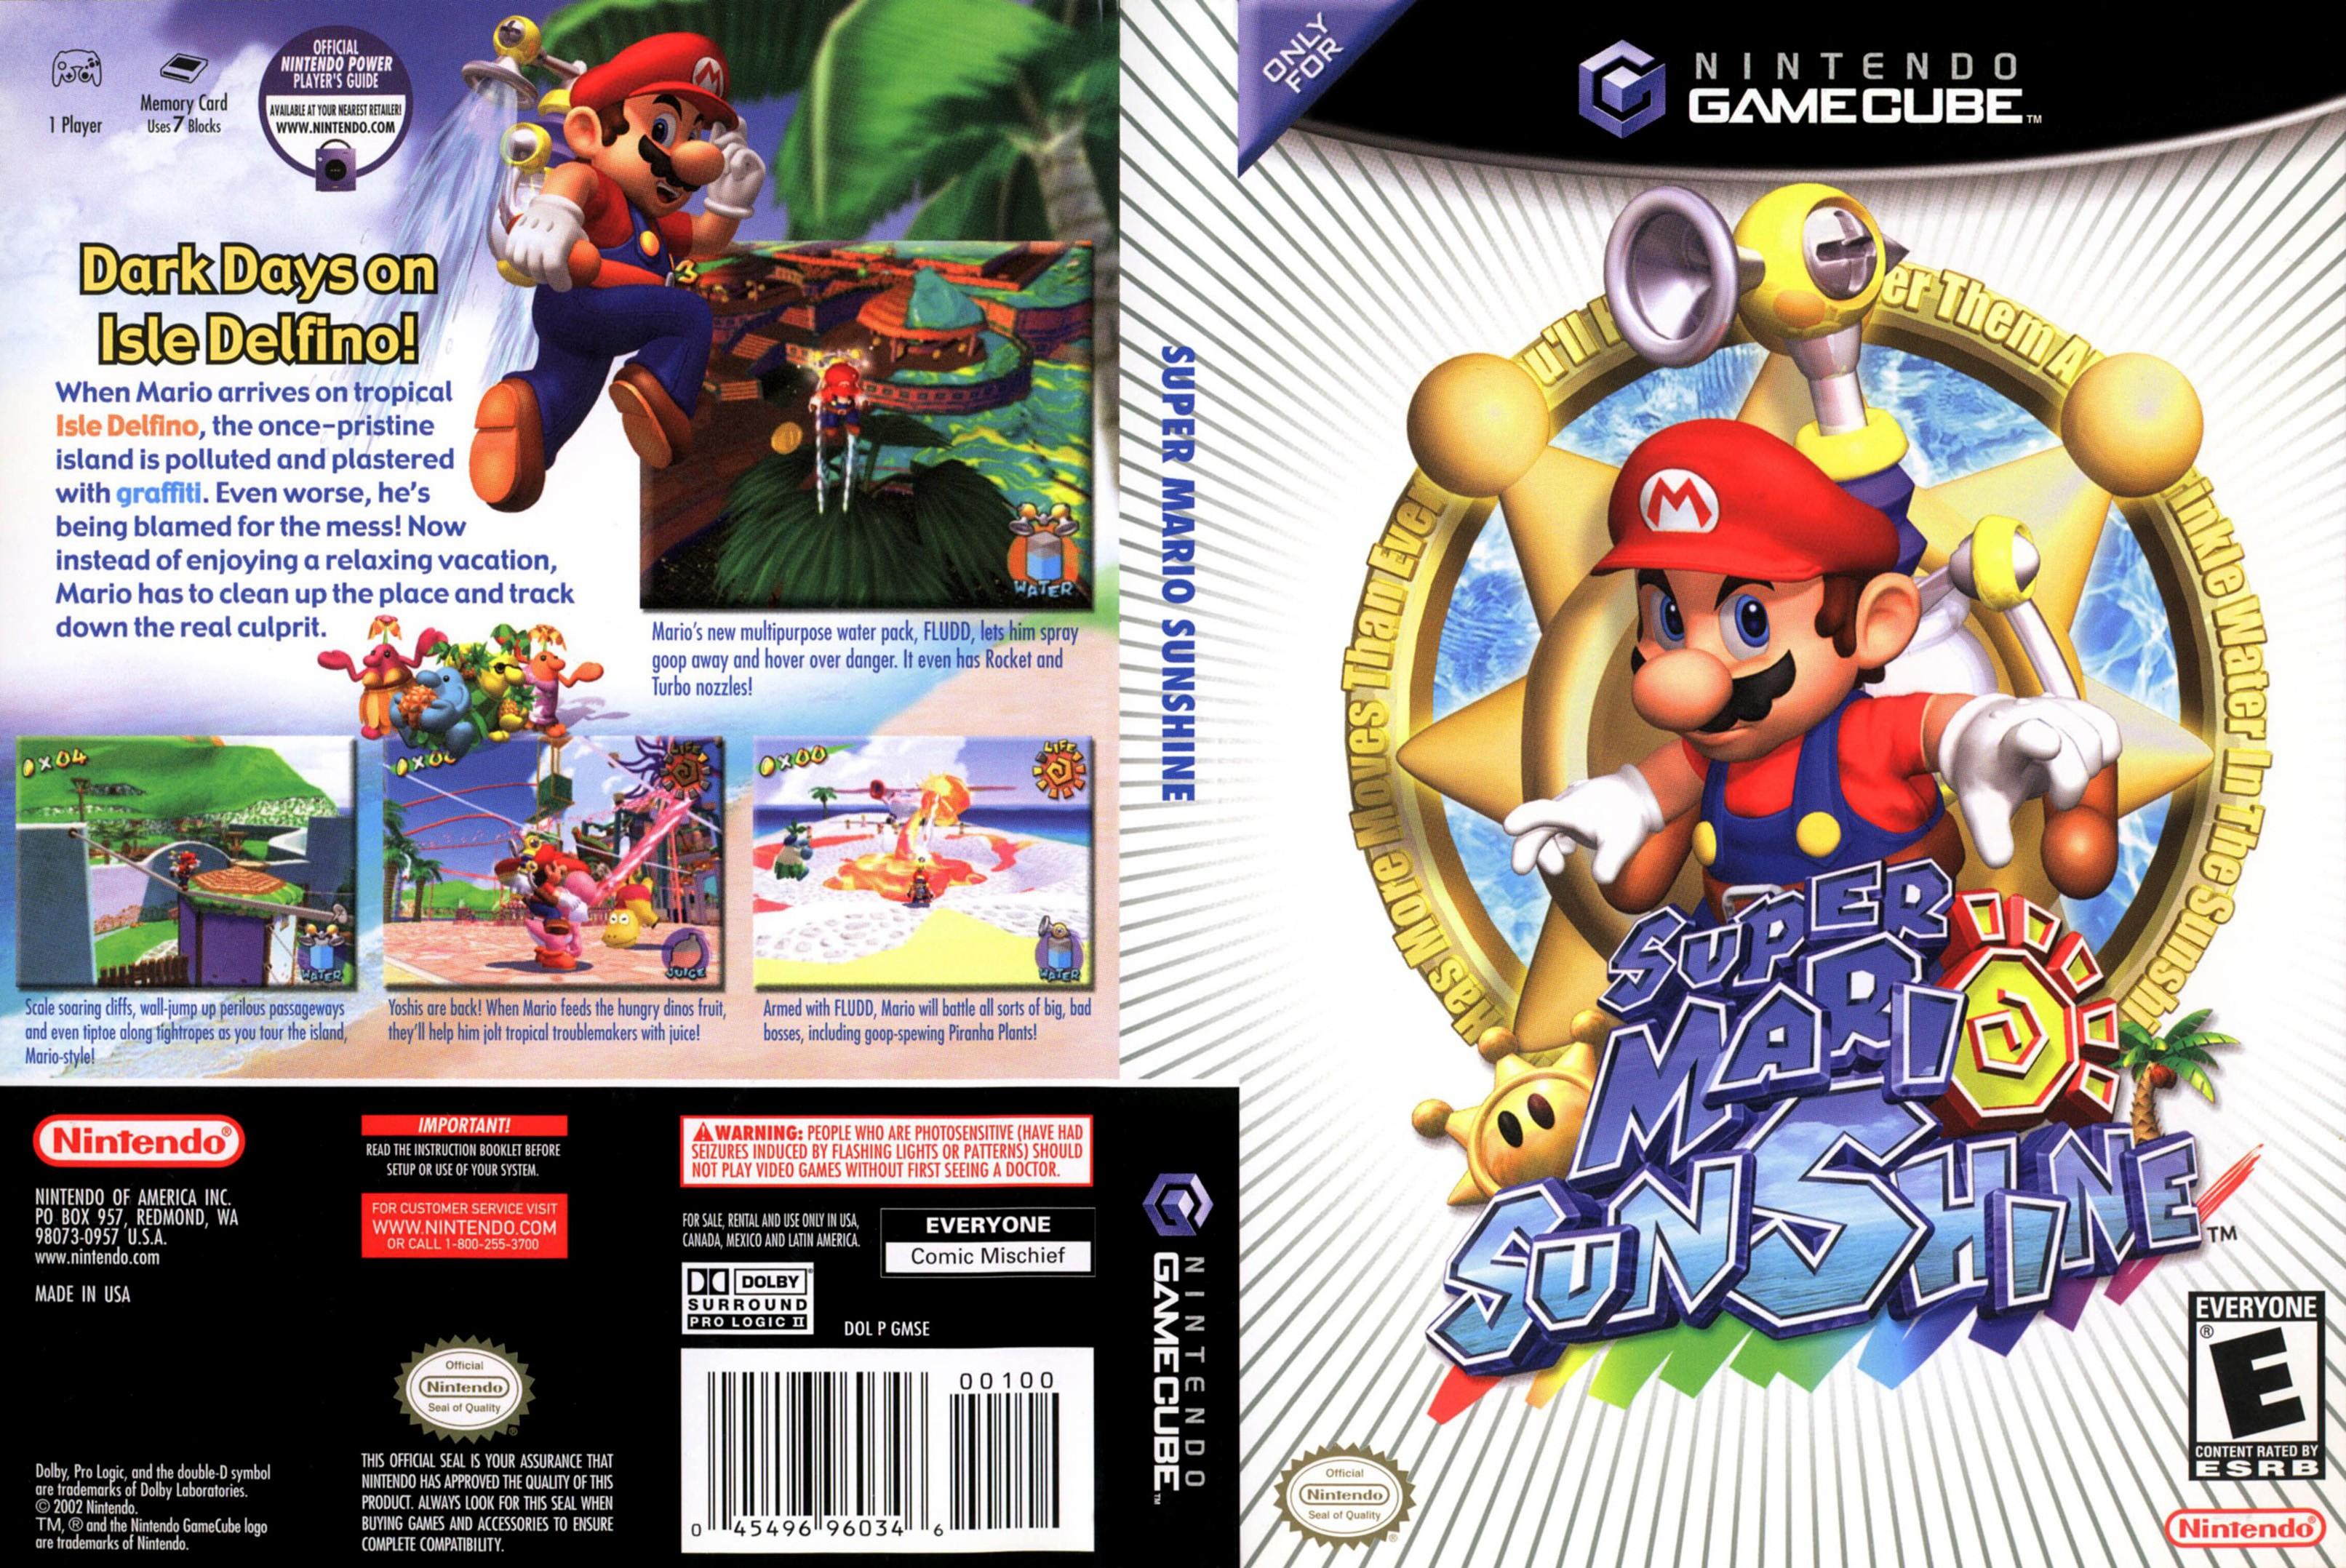 Super Mario Sun... Emuparadise Ps2 Emulator